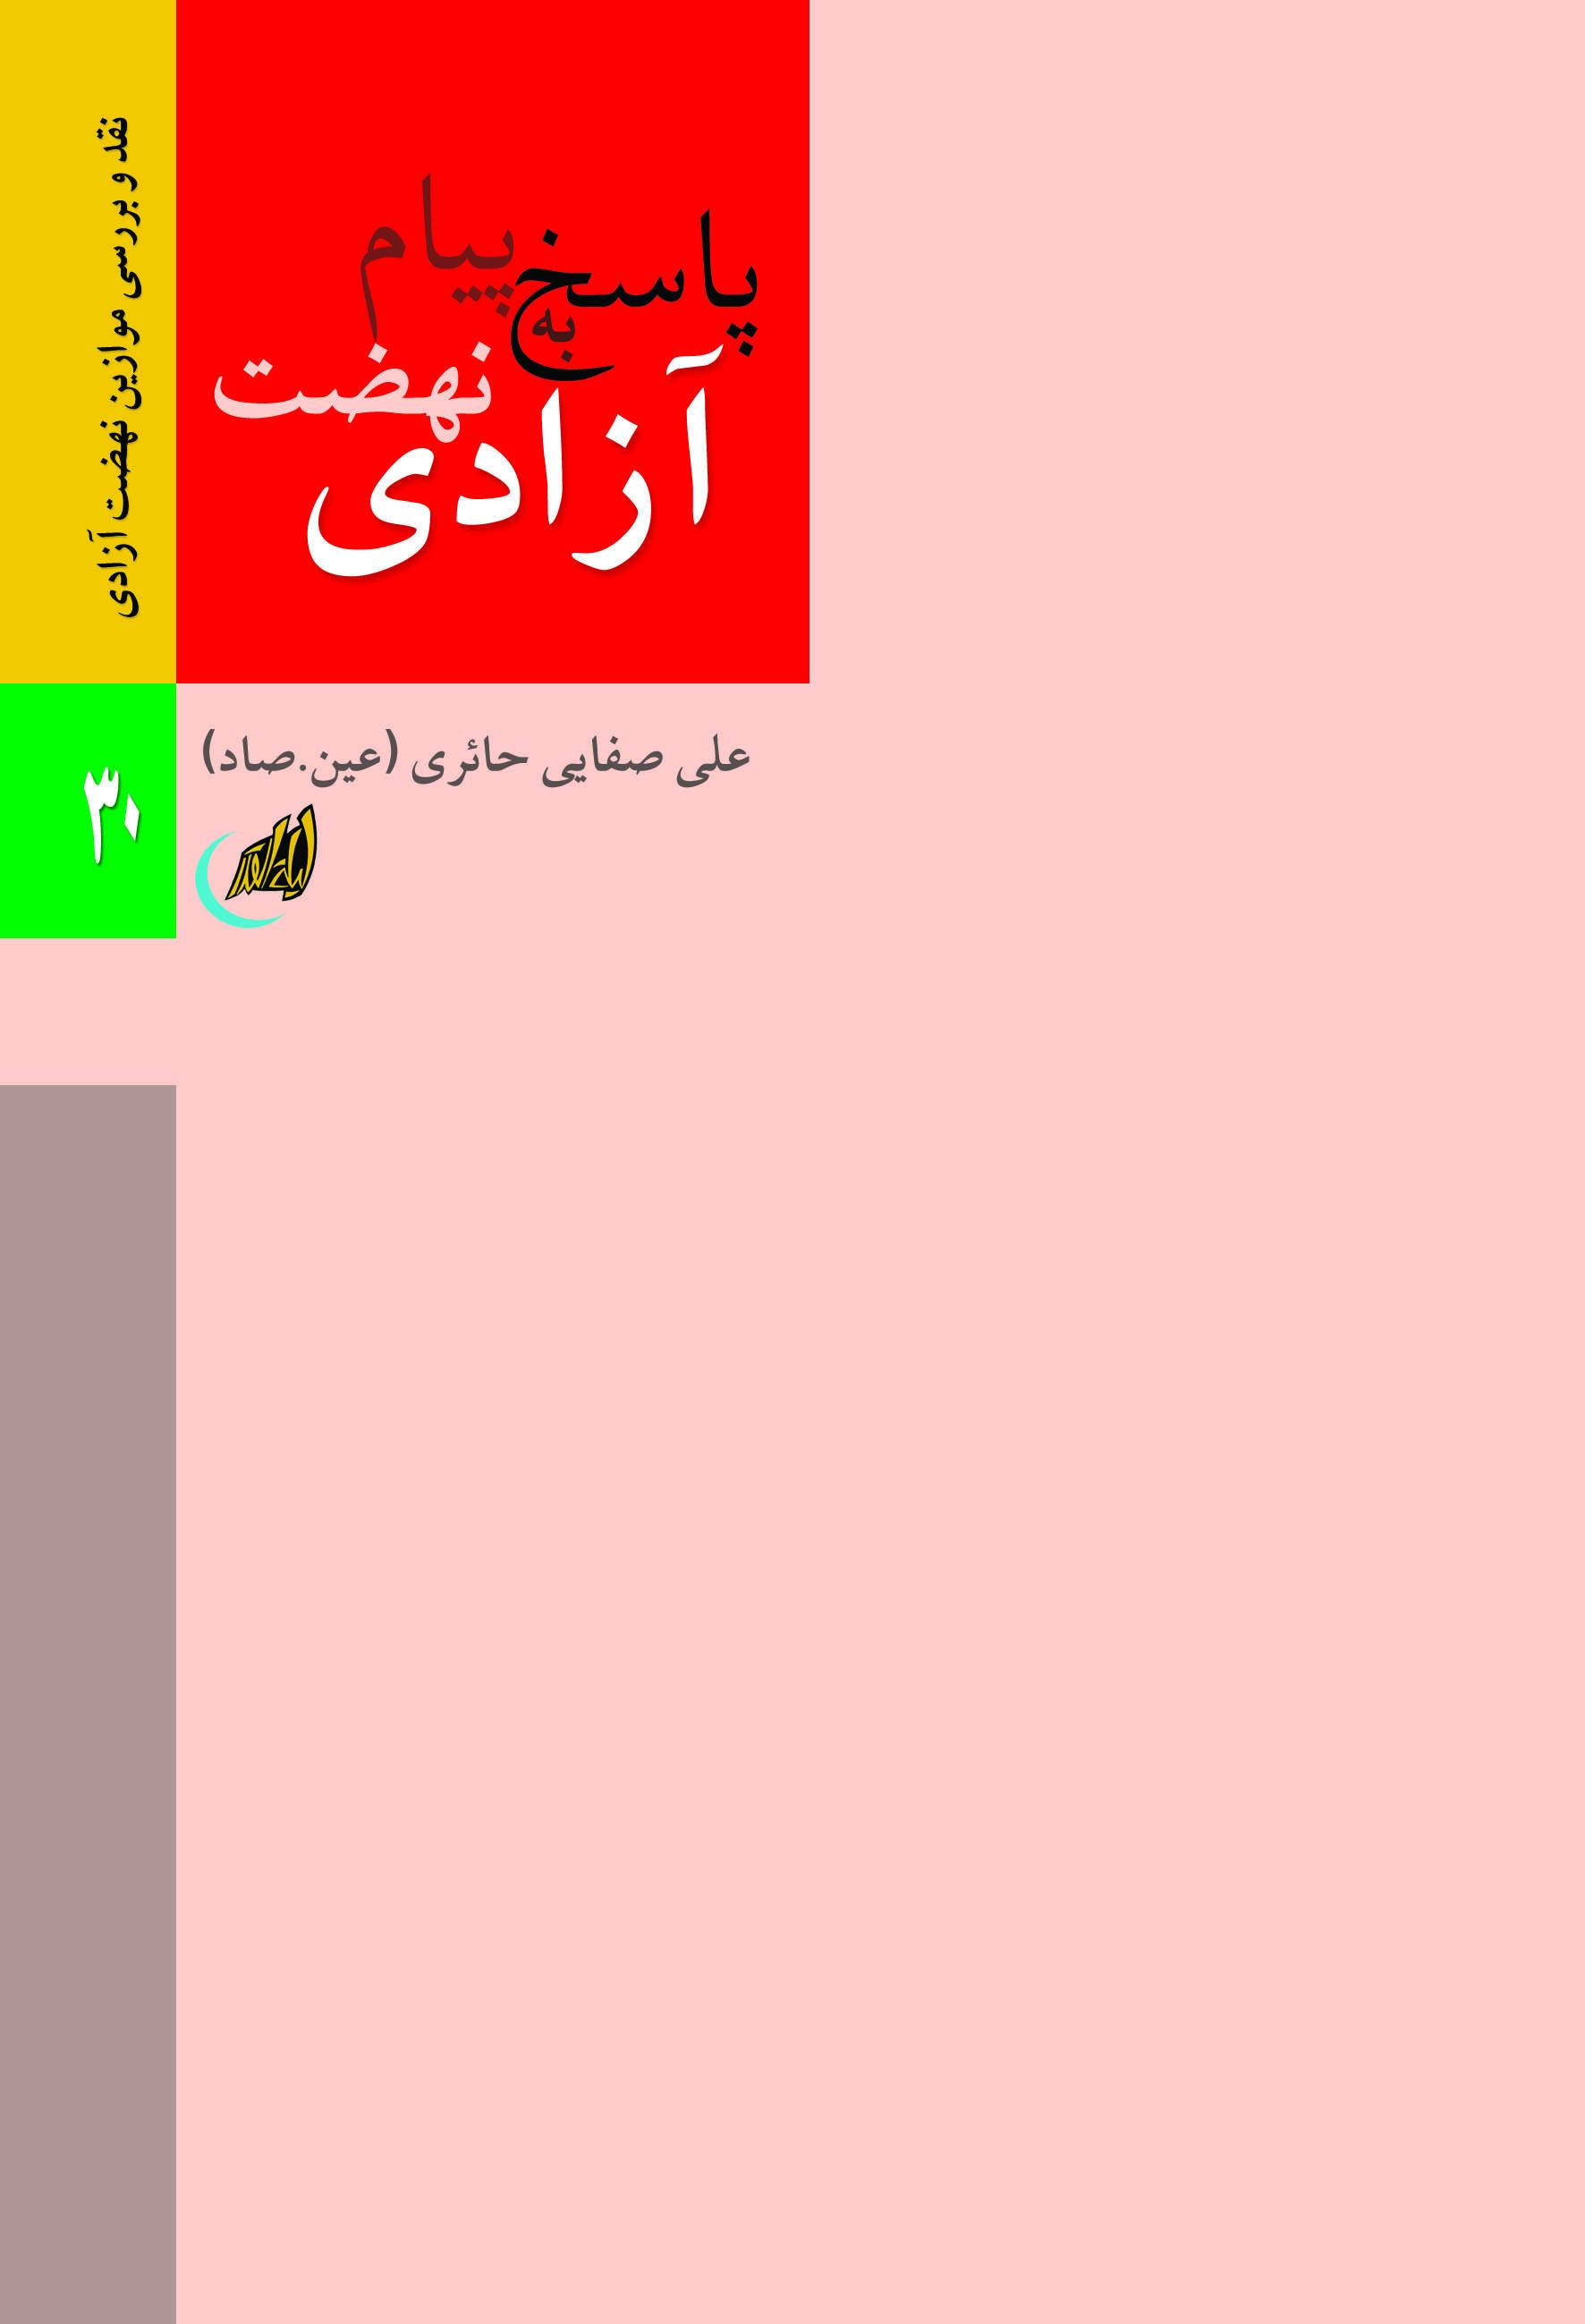 دانلود کتاب پاسخ به پیام نهضت آزادی از صفایی حائری با فرمت pdf